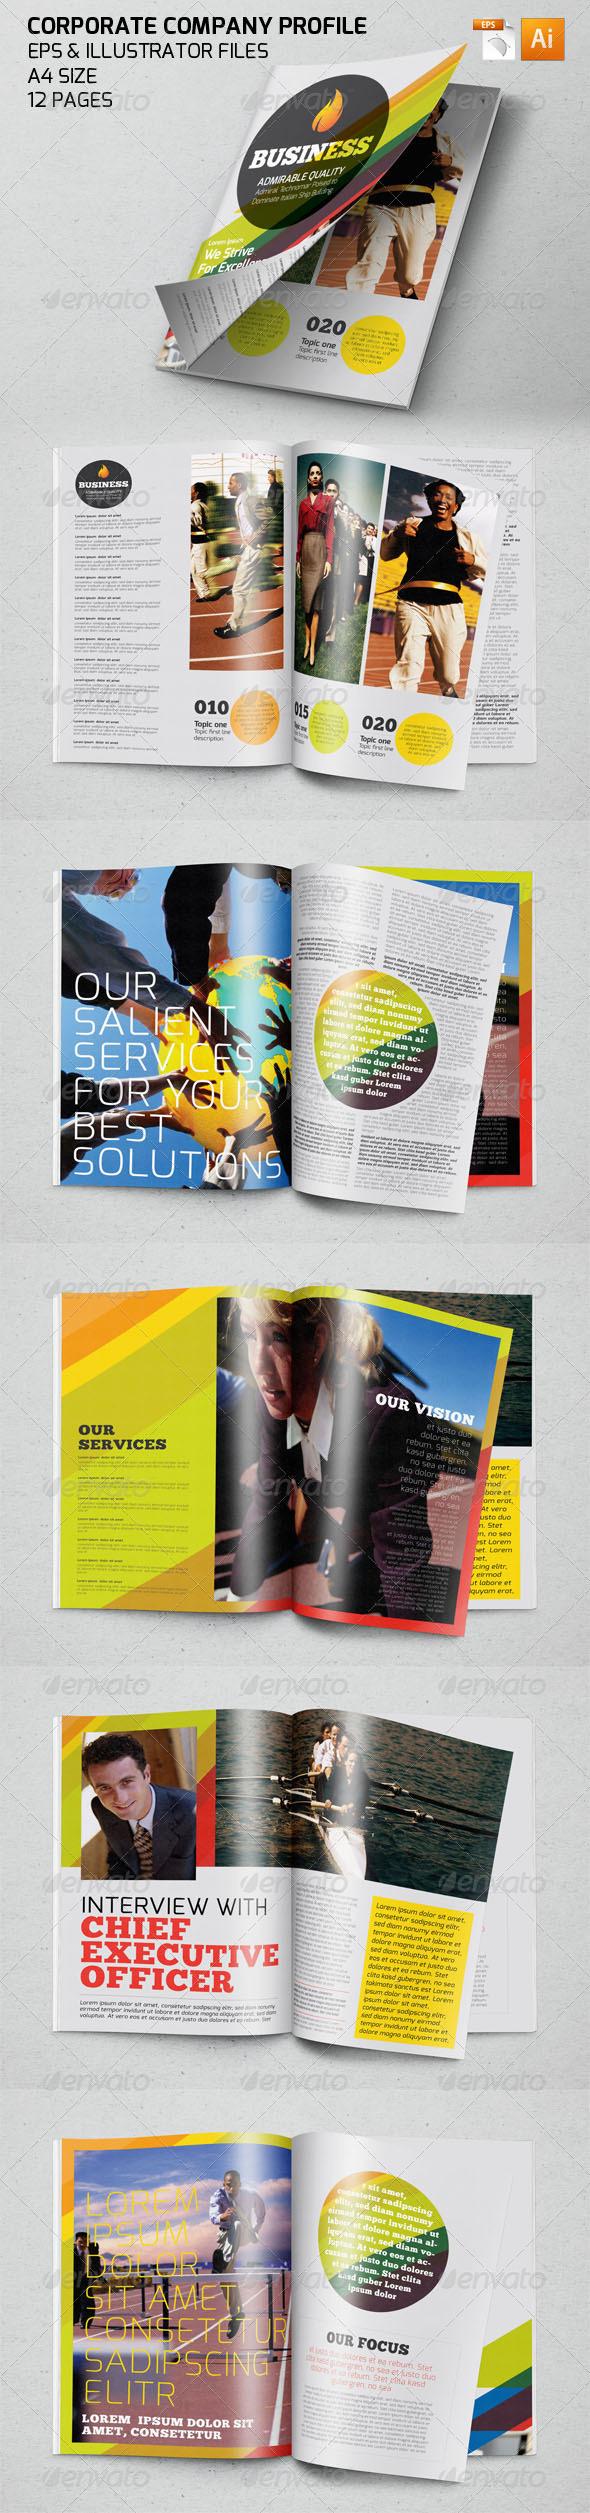 GraphicRiver Propfessional Corporate Company Profile Template 7509720